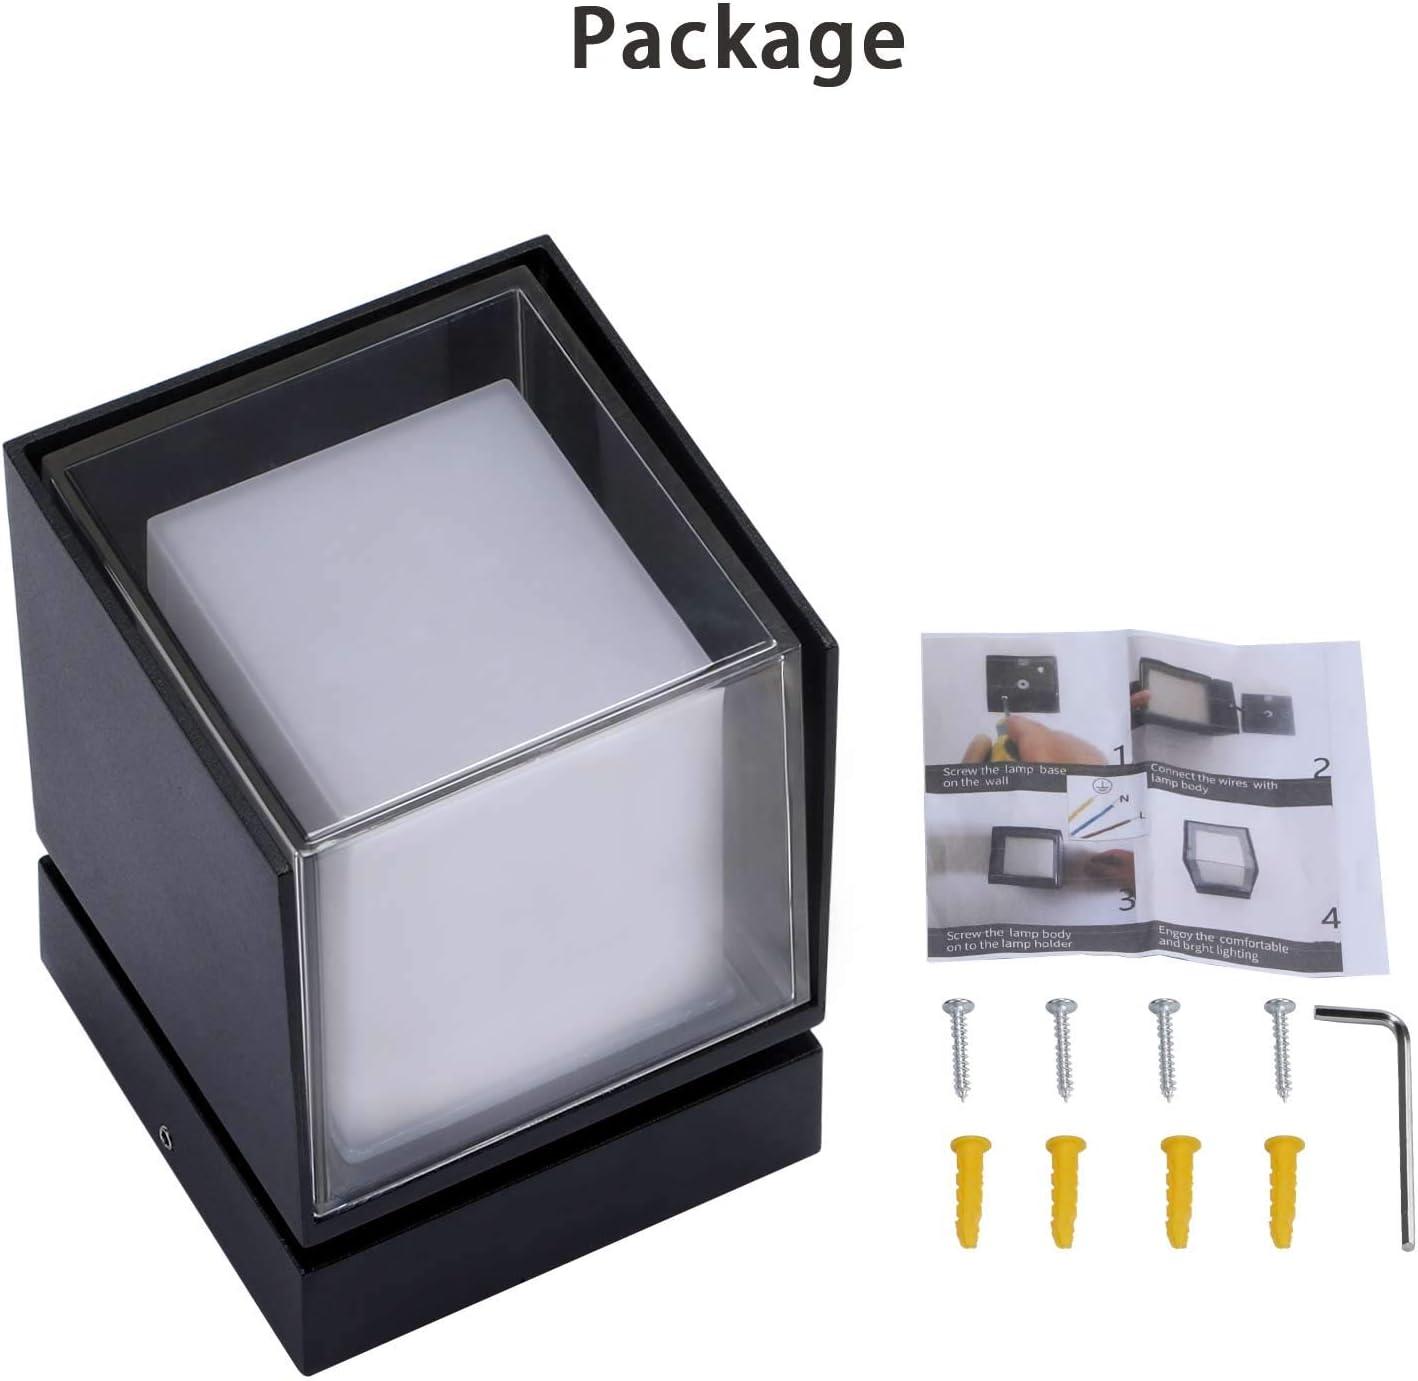 Camino Jard/ín Patio 3000K Blanco C/álido Lightess Apliques de Pared Exterior 12W L/ámpara de Pared LED Luz de Aluminio Moderno 360/° Rotaci/ón Impermeable IP66 Iluminaci/ón para Balc/ón Porche